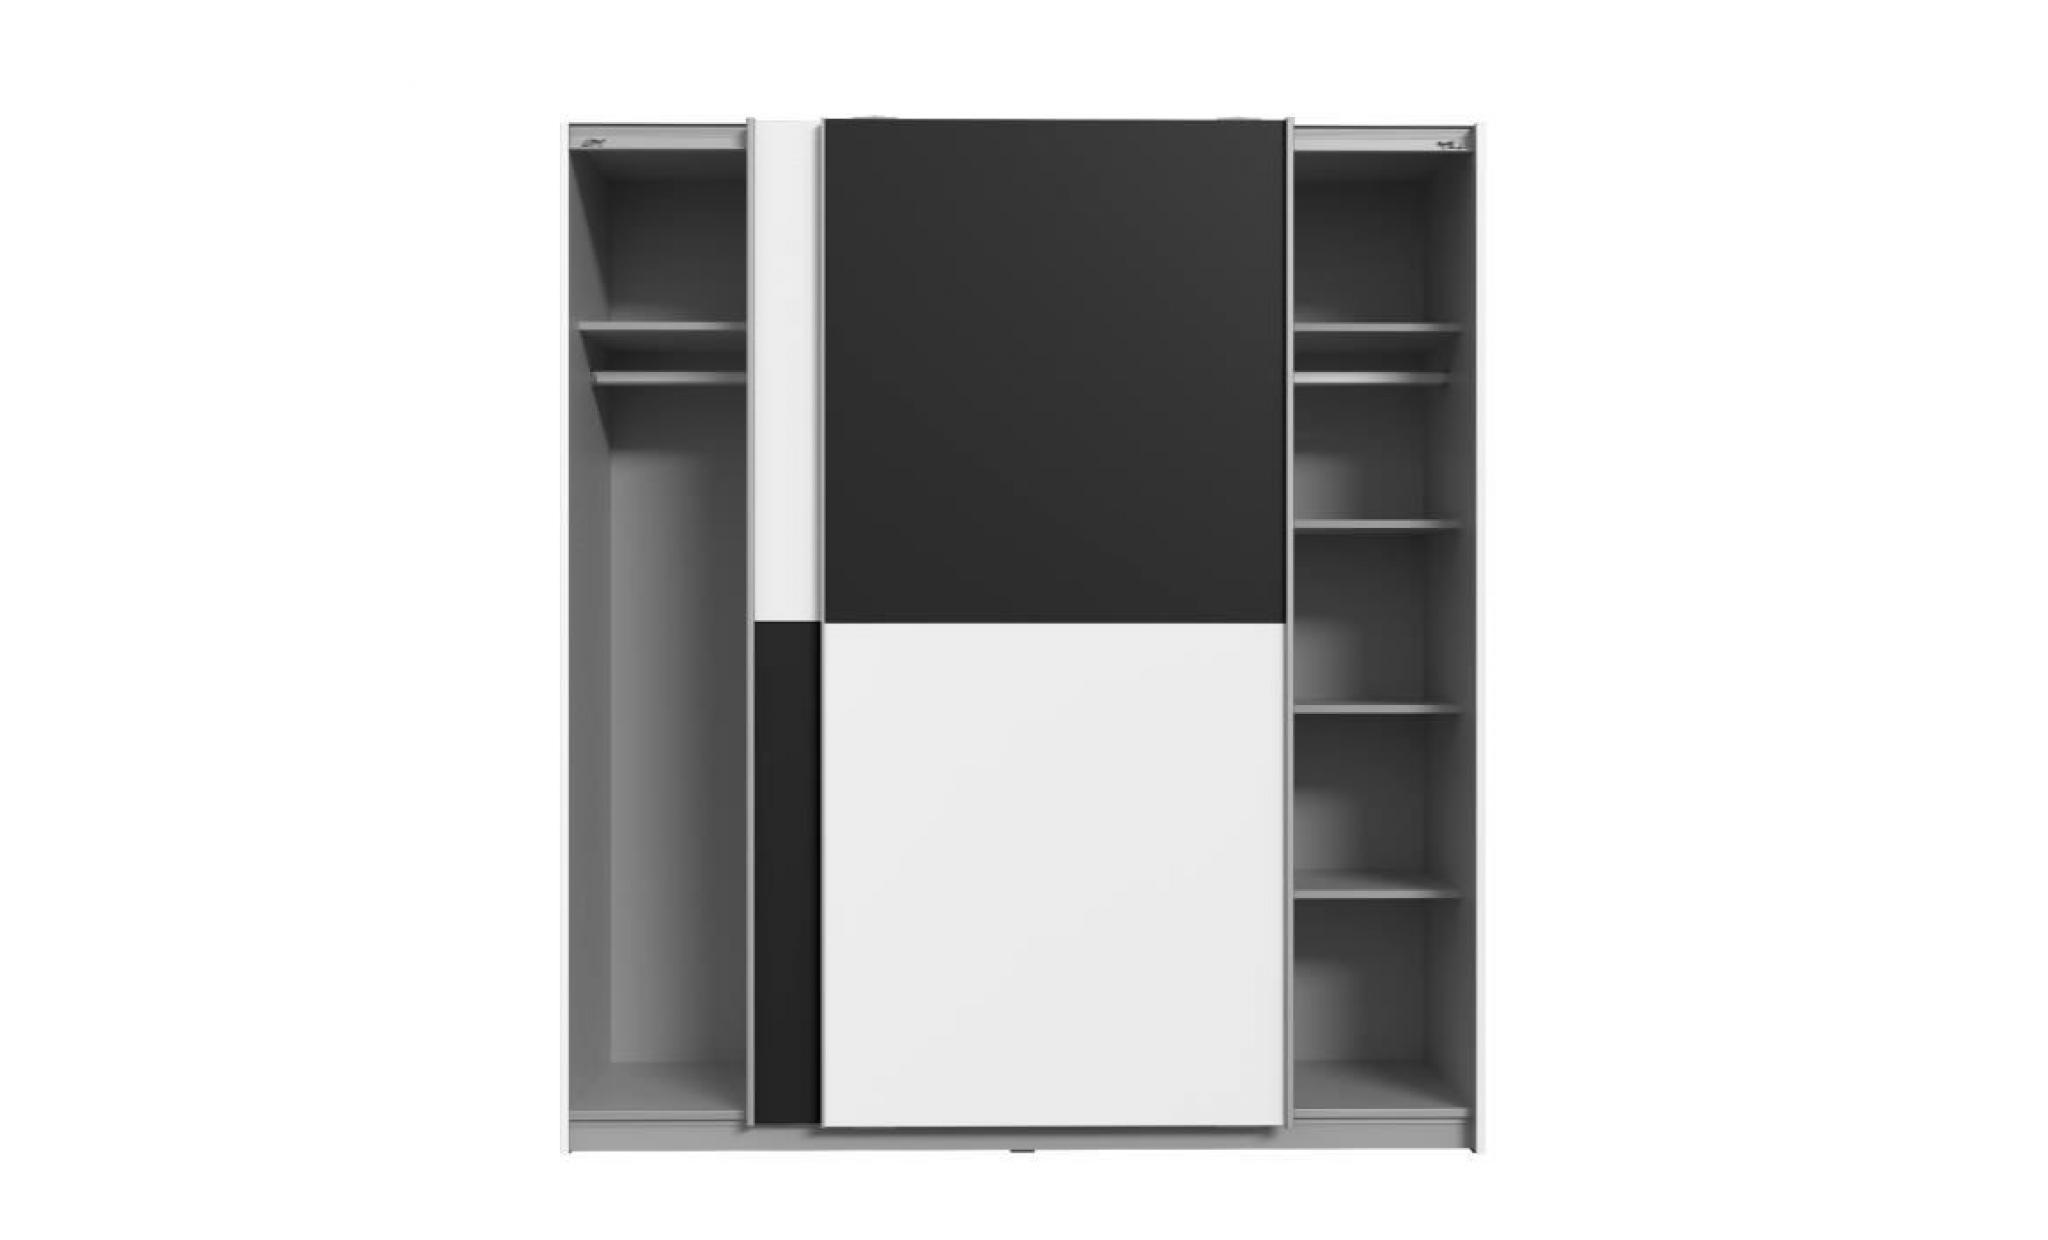 Finlandek Armoire De Chambre Ulos Style Contemporain Blanc Et Noir L 170 3 Cm Achat Vente Armoire Pas Cher Couleur Et Design Fr